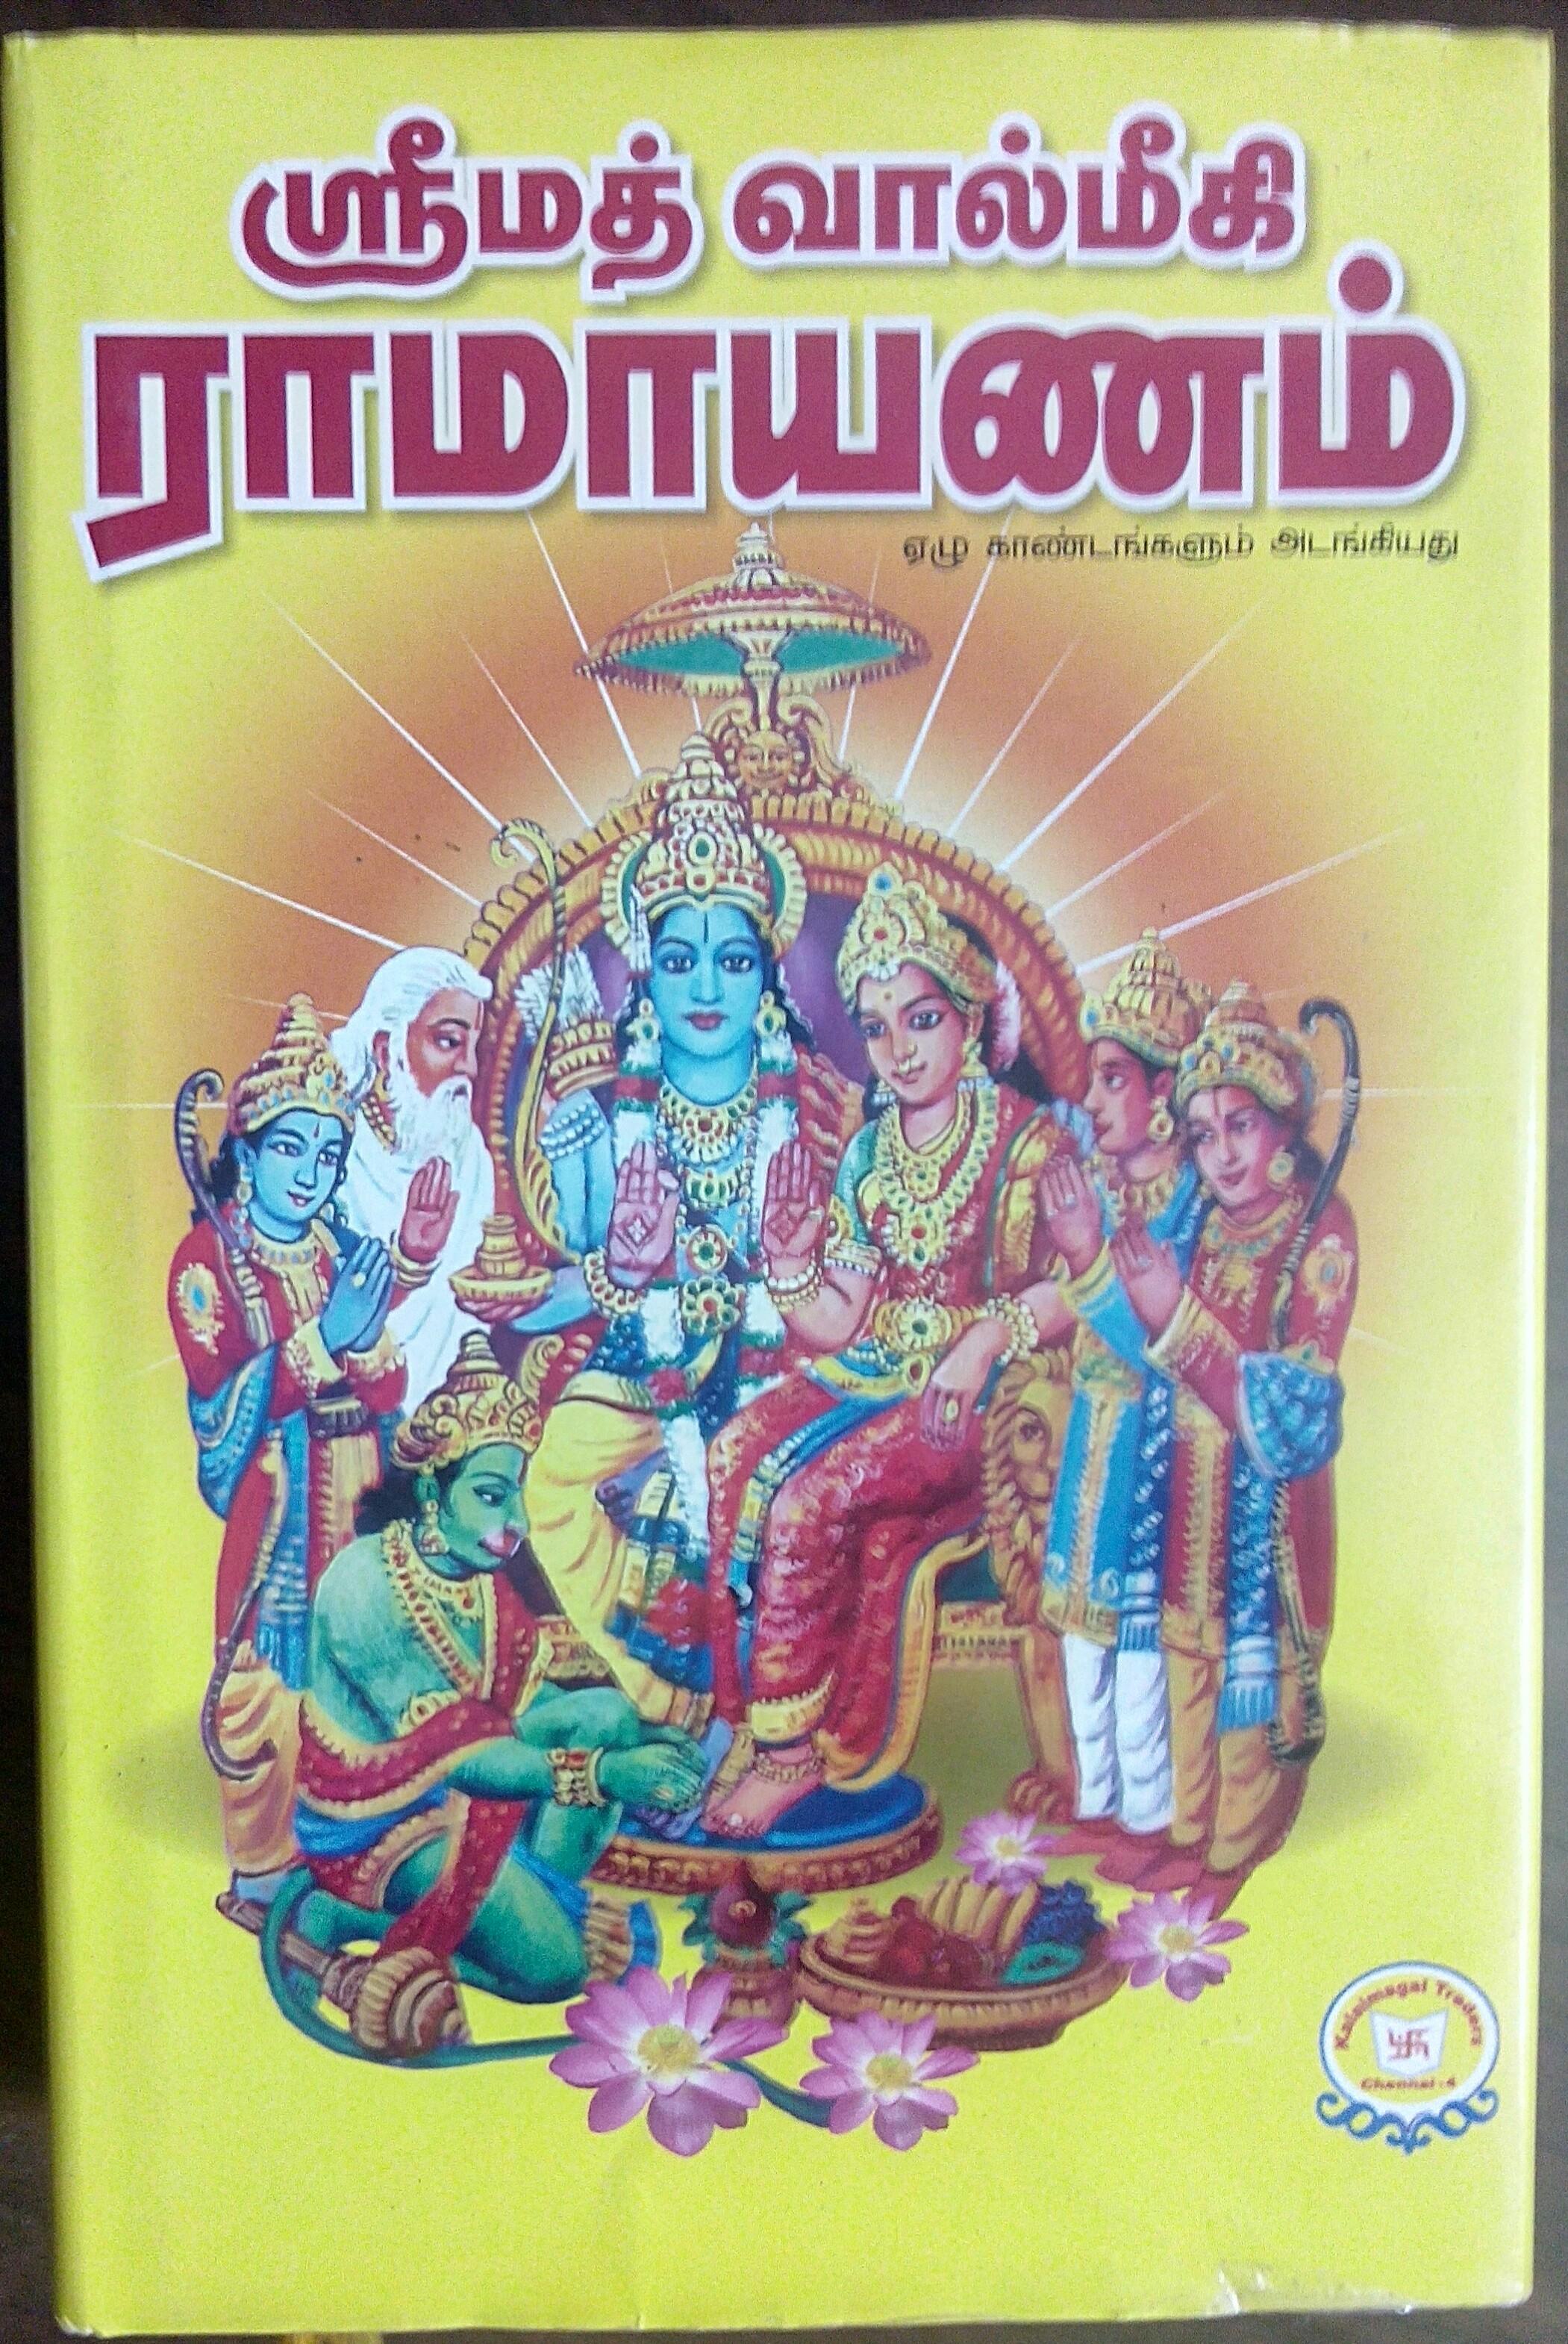 ஸ்ரீமத்வால்மீகீ ராமாயணம்